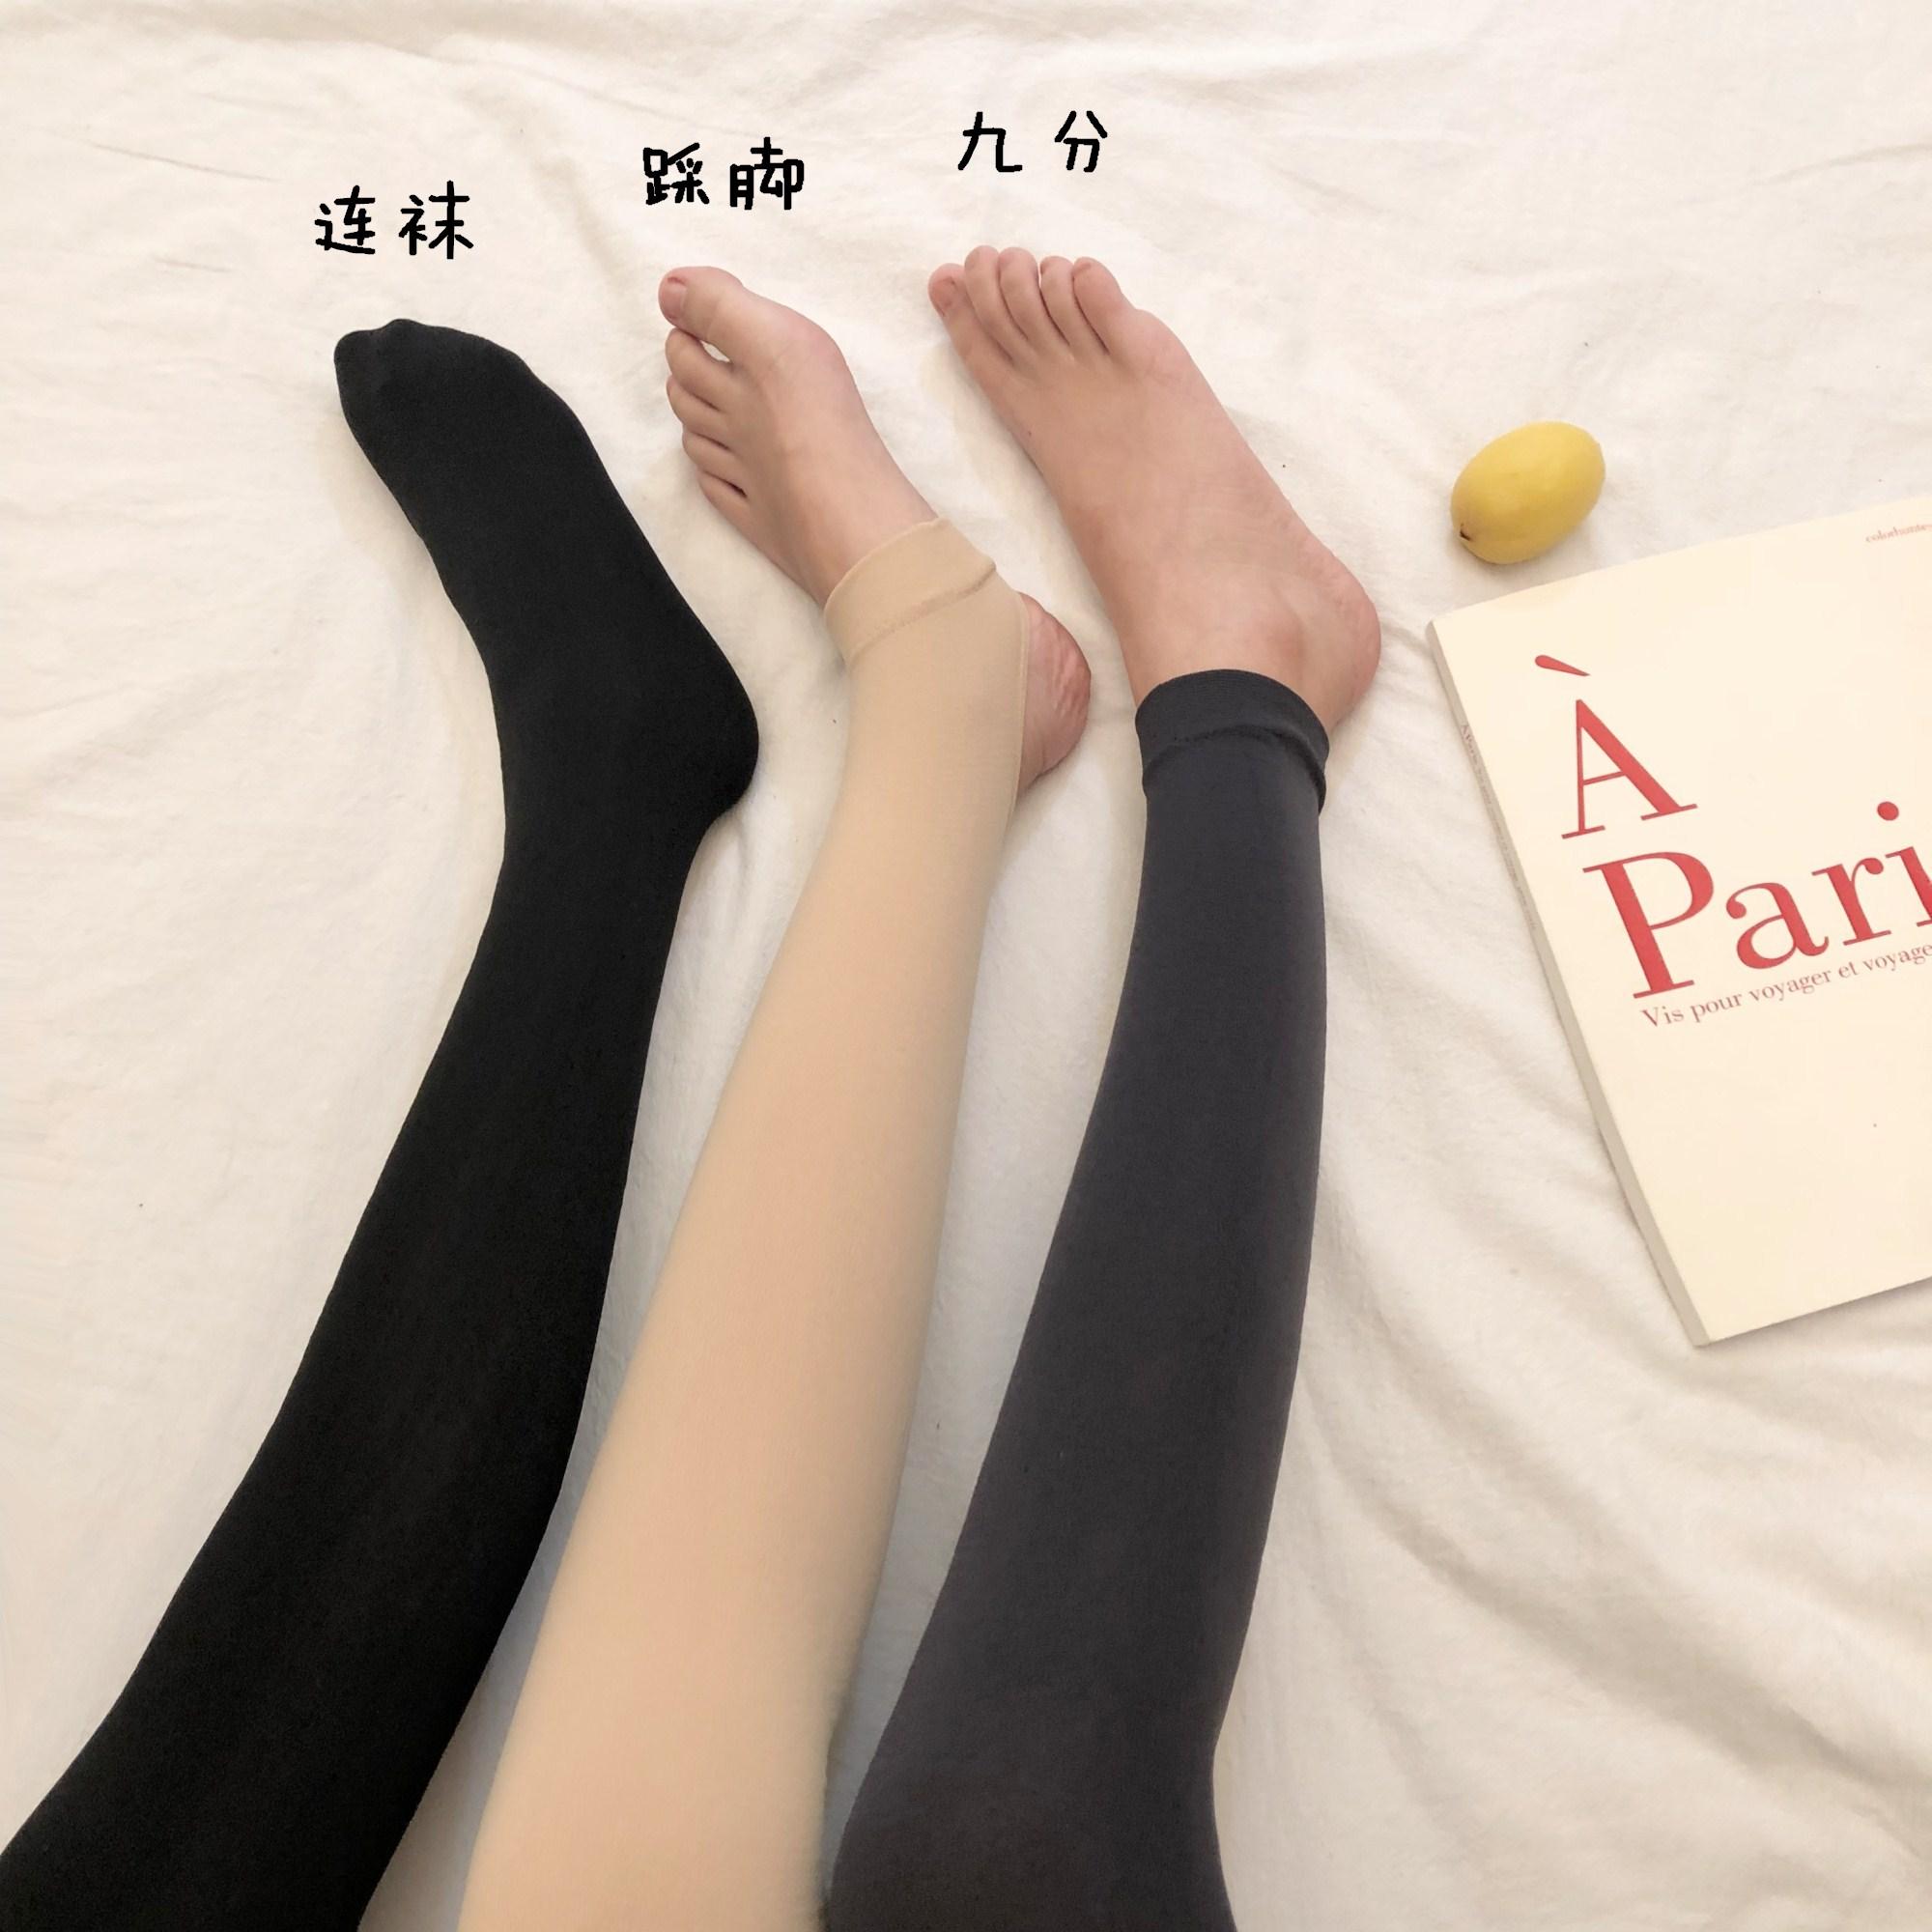 夏季韩版纯色百搭新款加绒连脚打底丝袜显瘦美腿踩脚裤袜长袜女图片